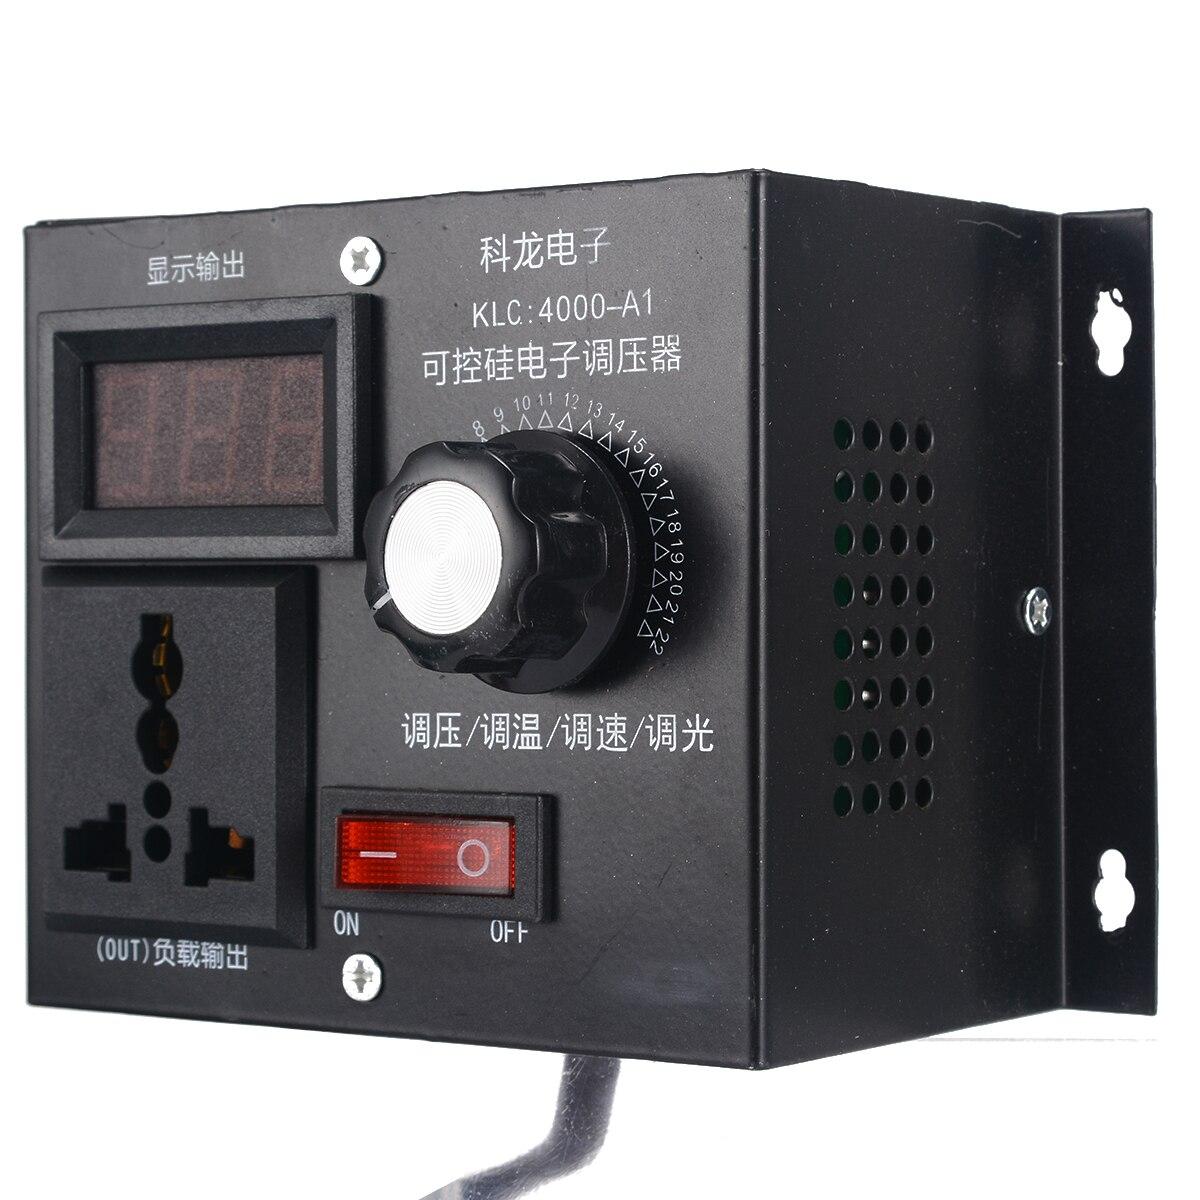 controlador de tensao variavel eletronico alta qualidade 220v 4000w para motor de ventilacao controle de velocidade